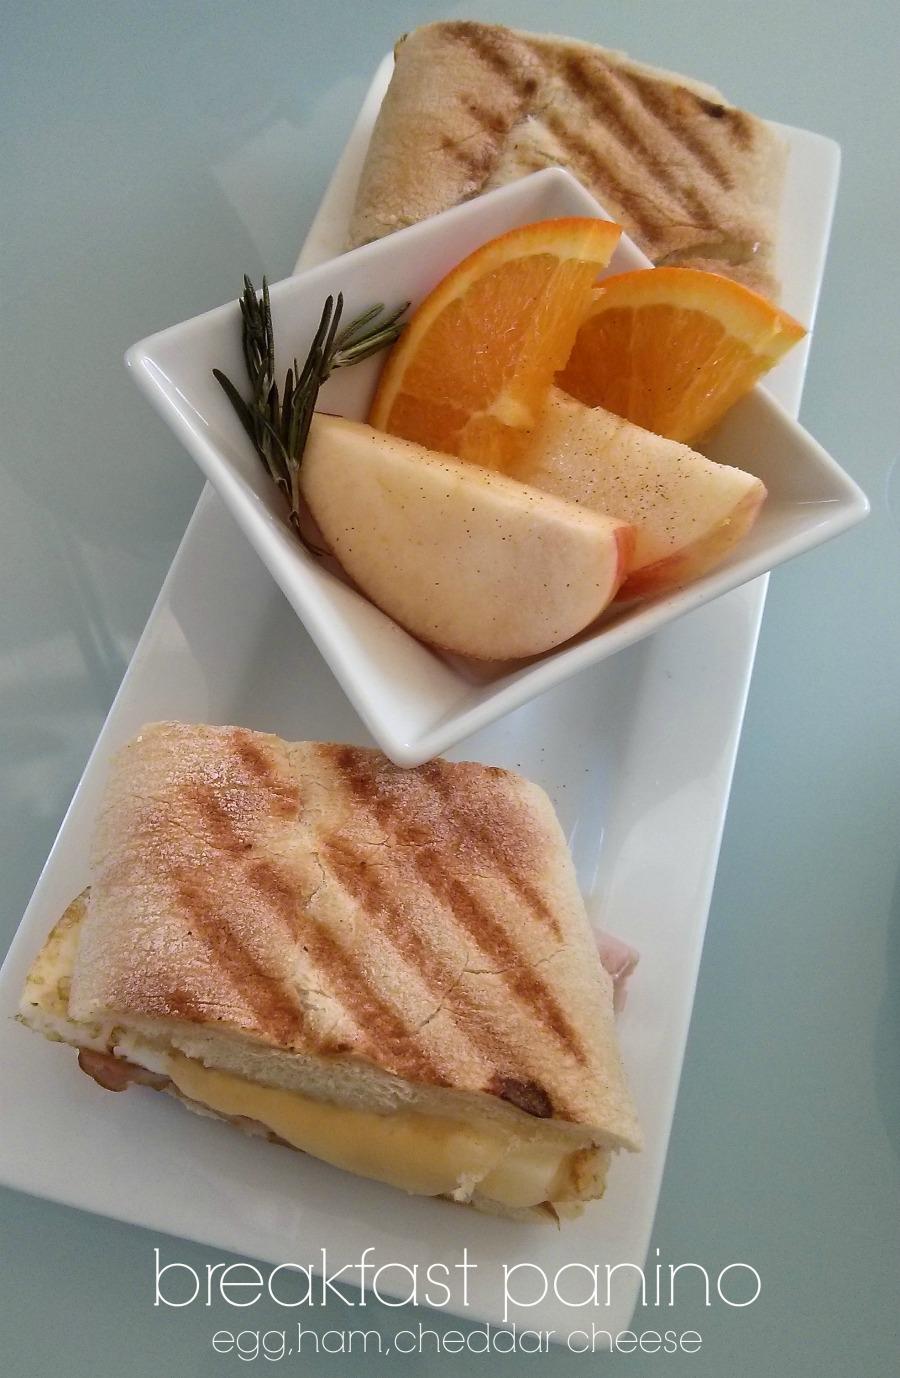 breakfast panino